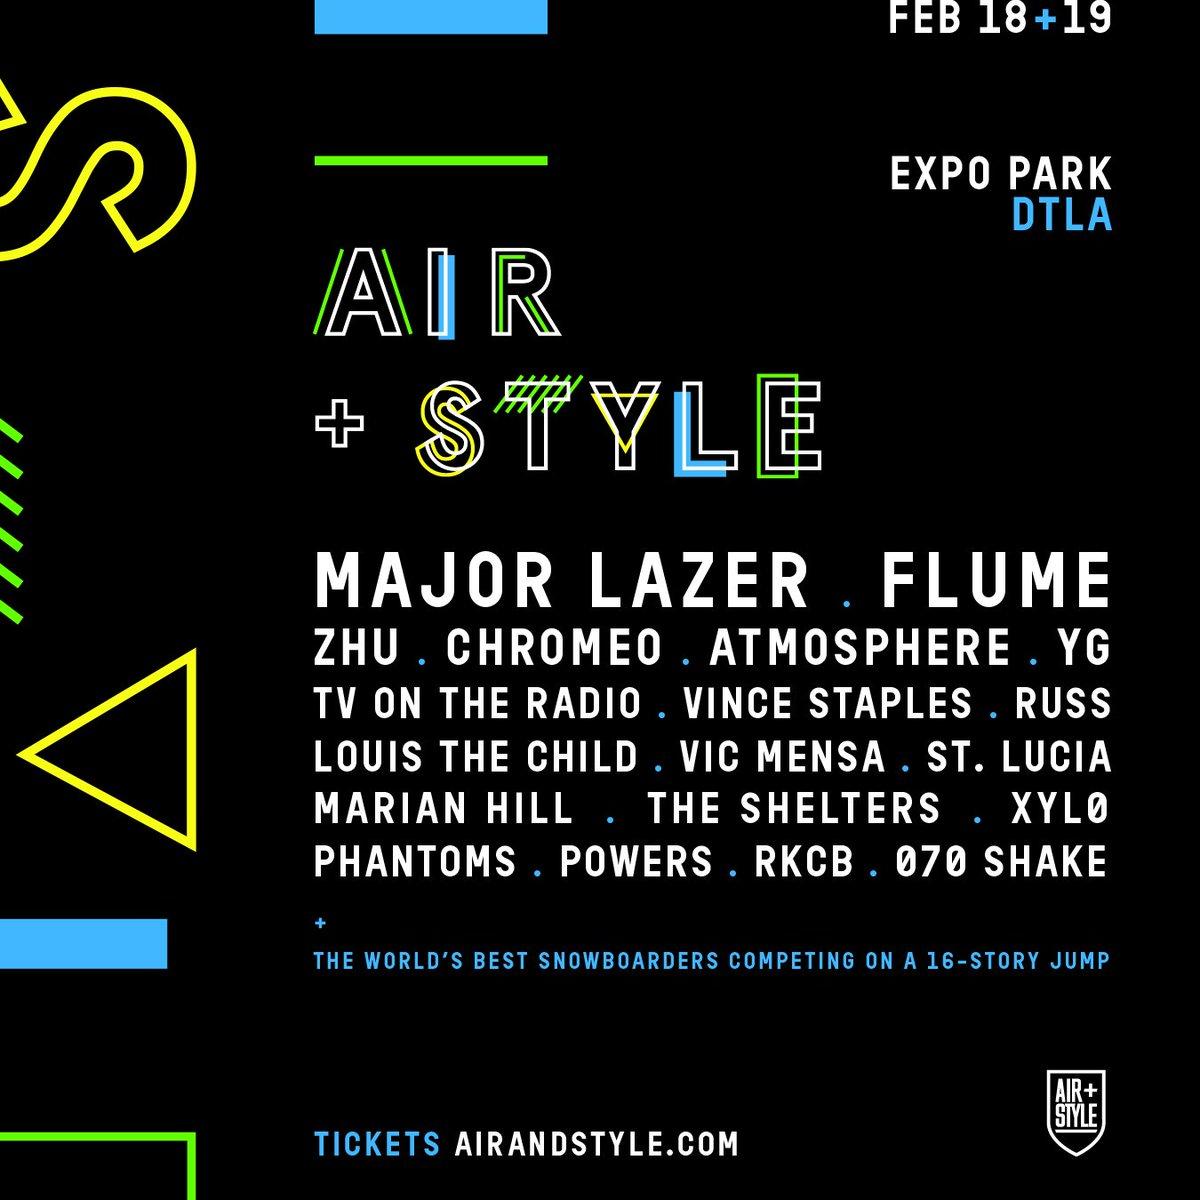 It's goin down!!! Feb 18 + 19. Expo Park DTLA. Buy your ticket now! https://t.co/uKlcUjlhui https://t.co/fq51POlHGS